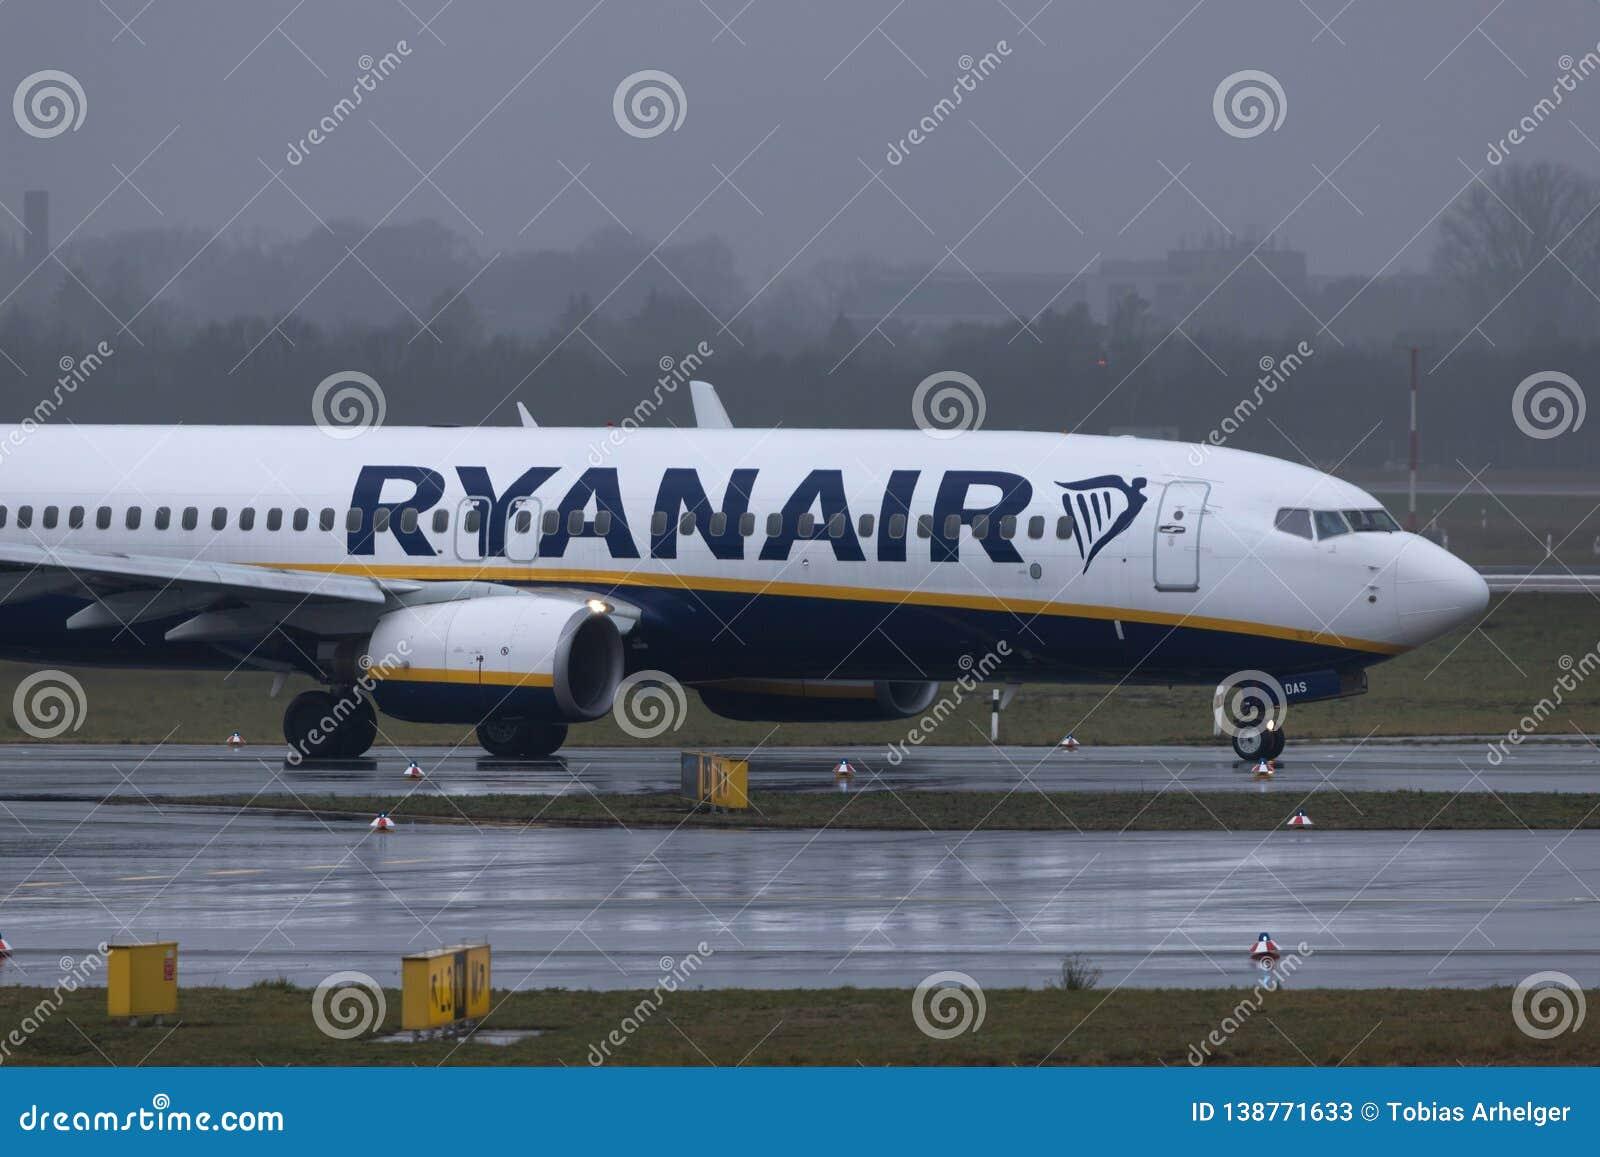 Ντίσελντορφ, nrw/Γερμανία - 11 01 19: ryanair αεροπλάνο στον αερολιμένα Γερμανία του Ντίσελντορφ στη βροχή